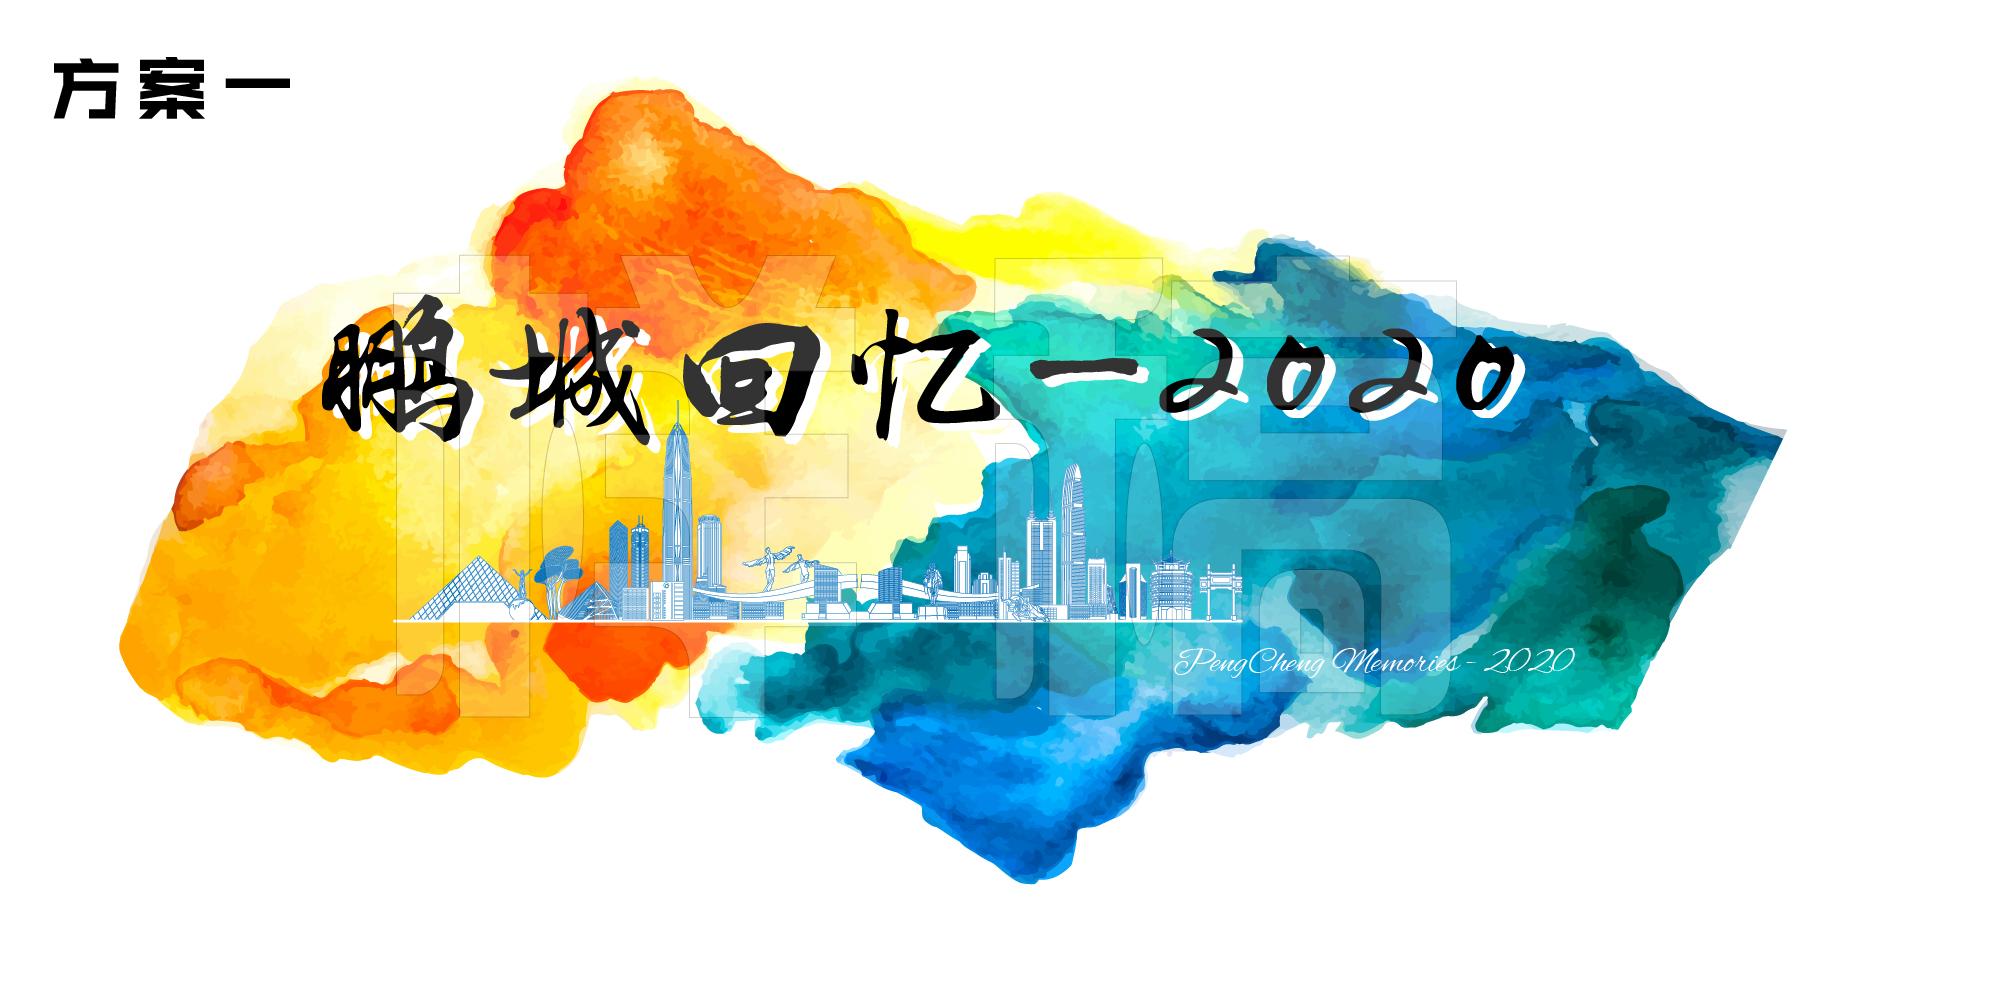 鹏城回忆-2020_3036127_k68威客网